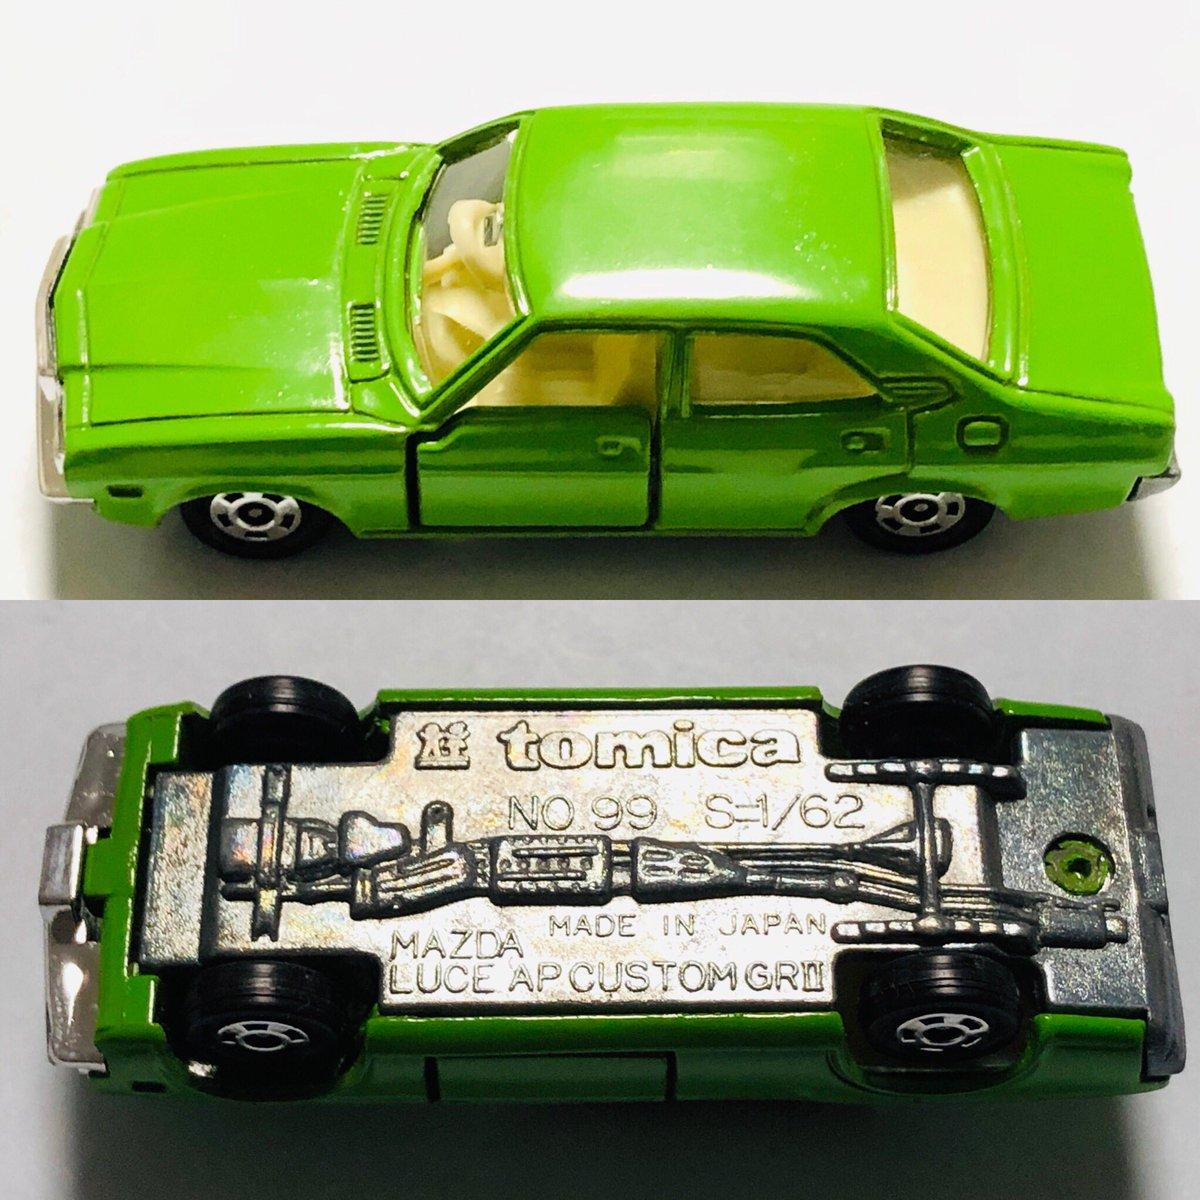 test ツイッターメディア - 珍しいトミカを入手しました👍 1976年のマツダ ルーチェAP。 カラバリは緑と小田急特注のメタブルーしかありません。 実車はロータリーエンジンを積んで、昭和50年の排ガス規制をいち早くクリアするなど先進的でした😊 #ミニカー好きと繋がりたい #トミカ #マツダルーチェ https://t.co/YdMSfytax9